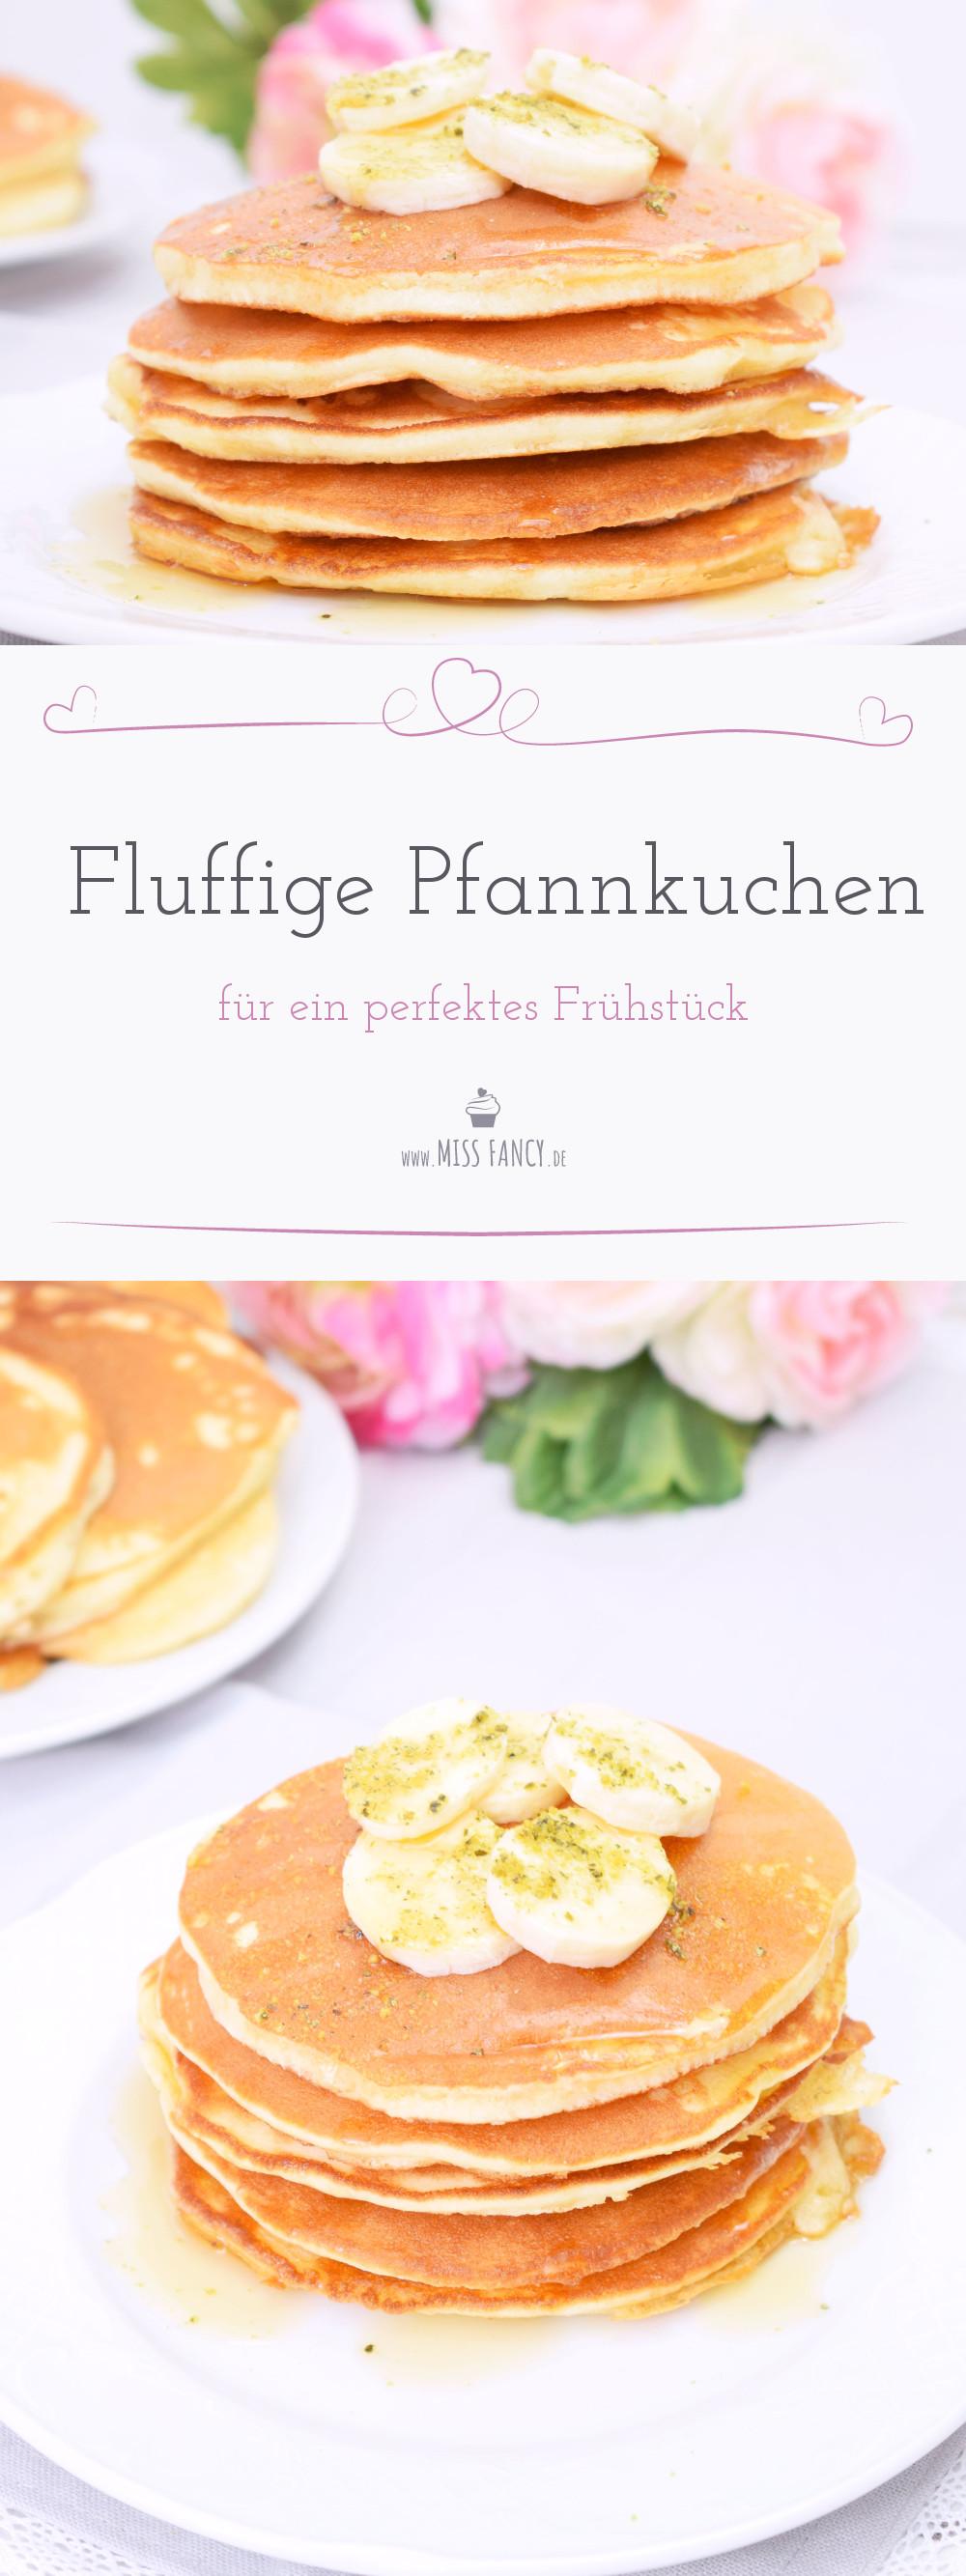 Rezept fluffige Pfannkuchen für das Frühstück Missfancy Foodblog